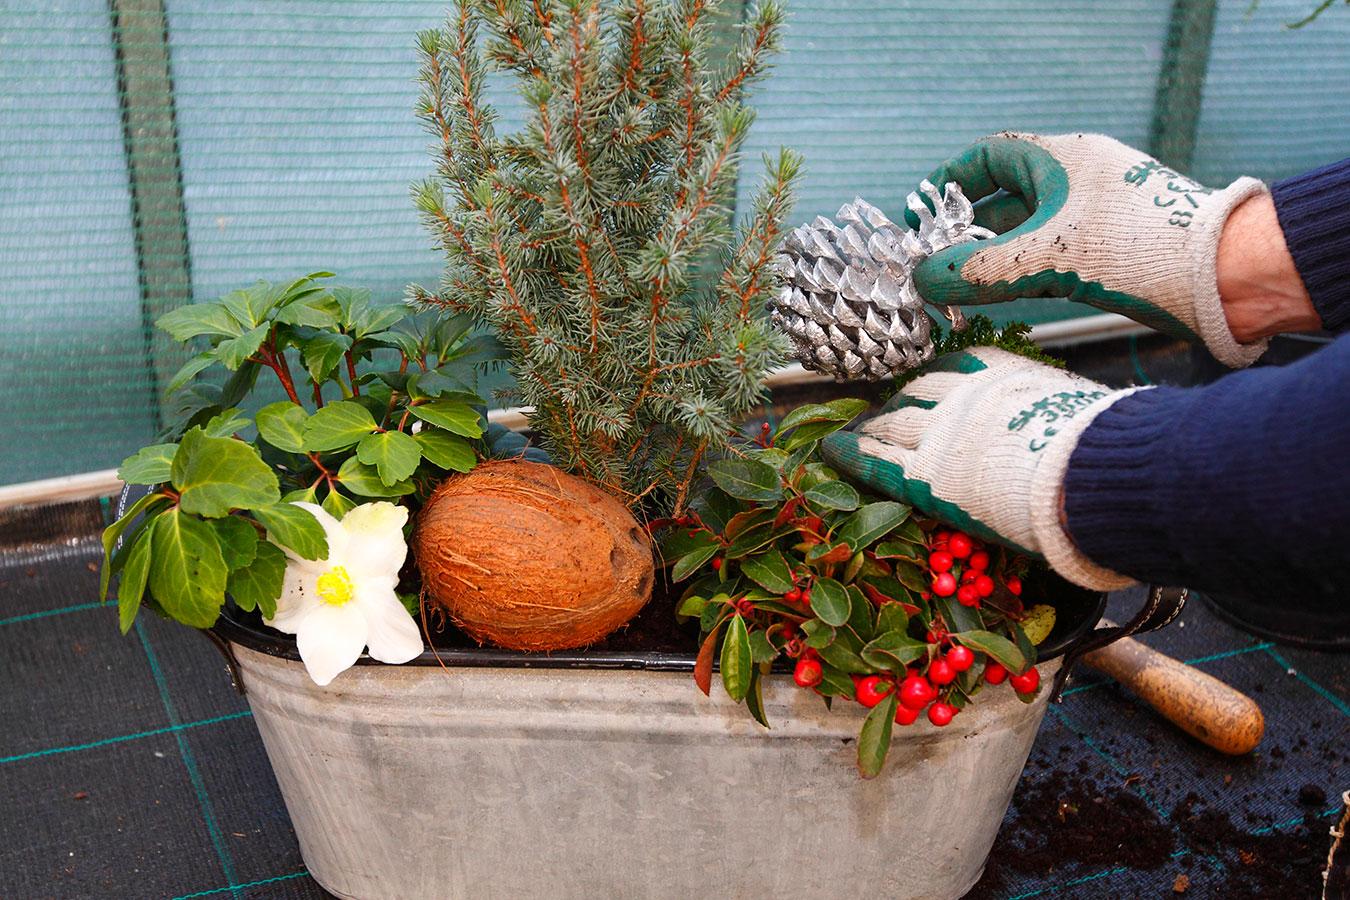 Pokud chcete ještě více zdůraznit zimní charakter výsadby, umístěte do ní vhodný doplněk. Ideální jsou přírodniny, například kokosový ořech.